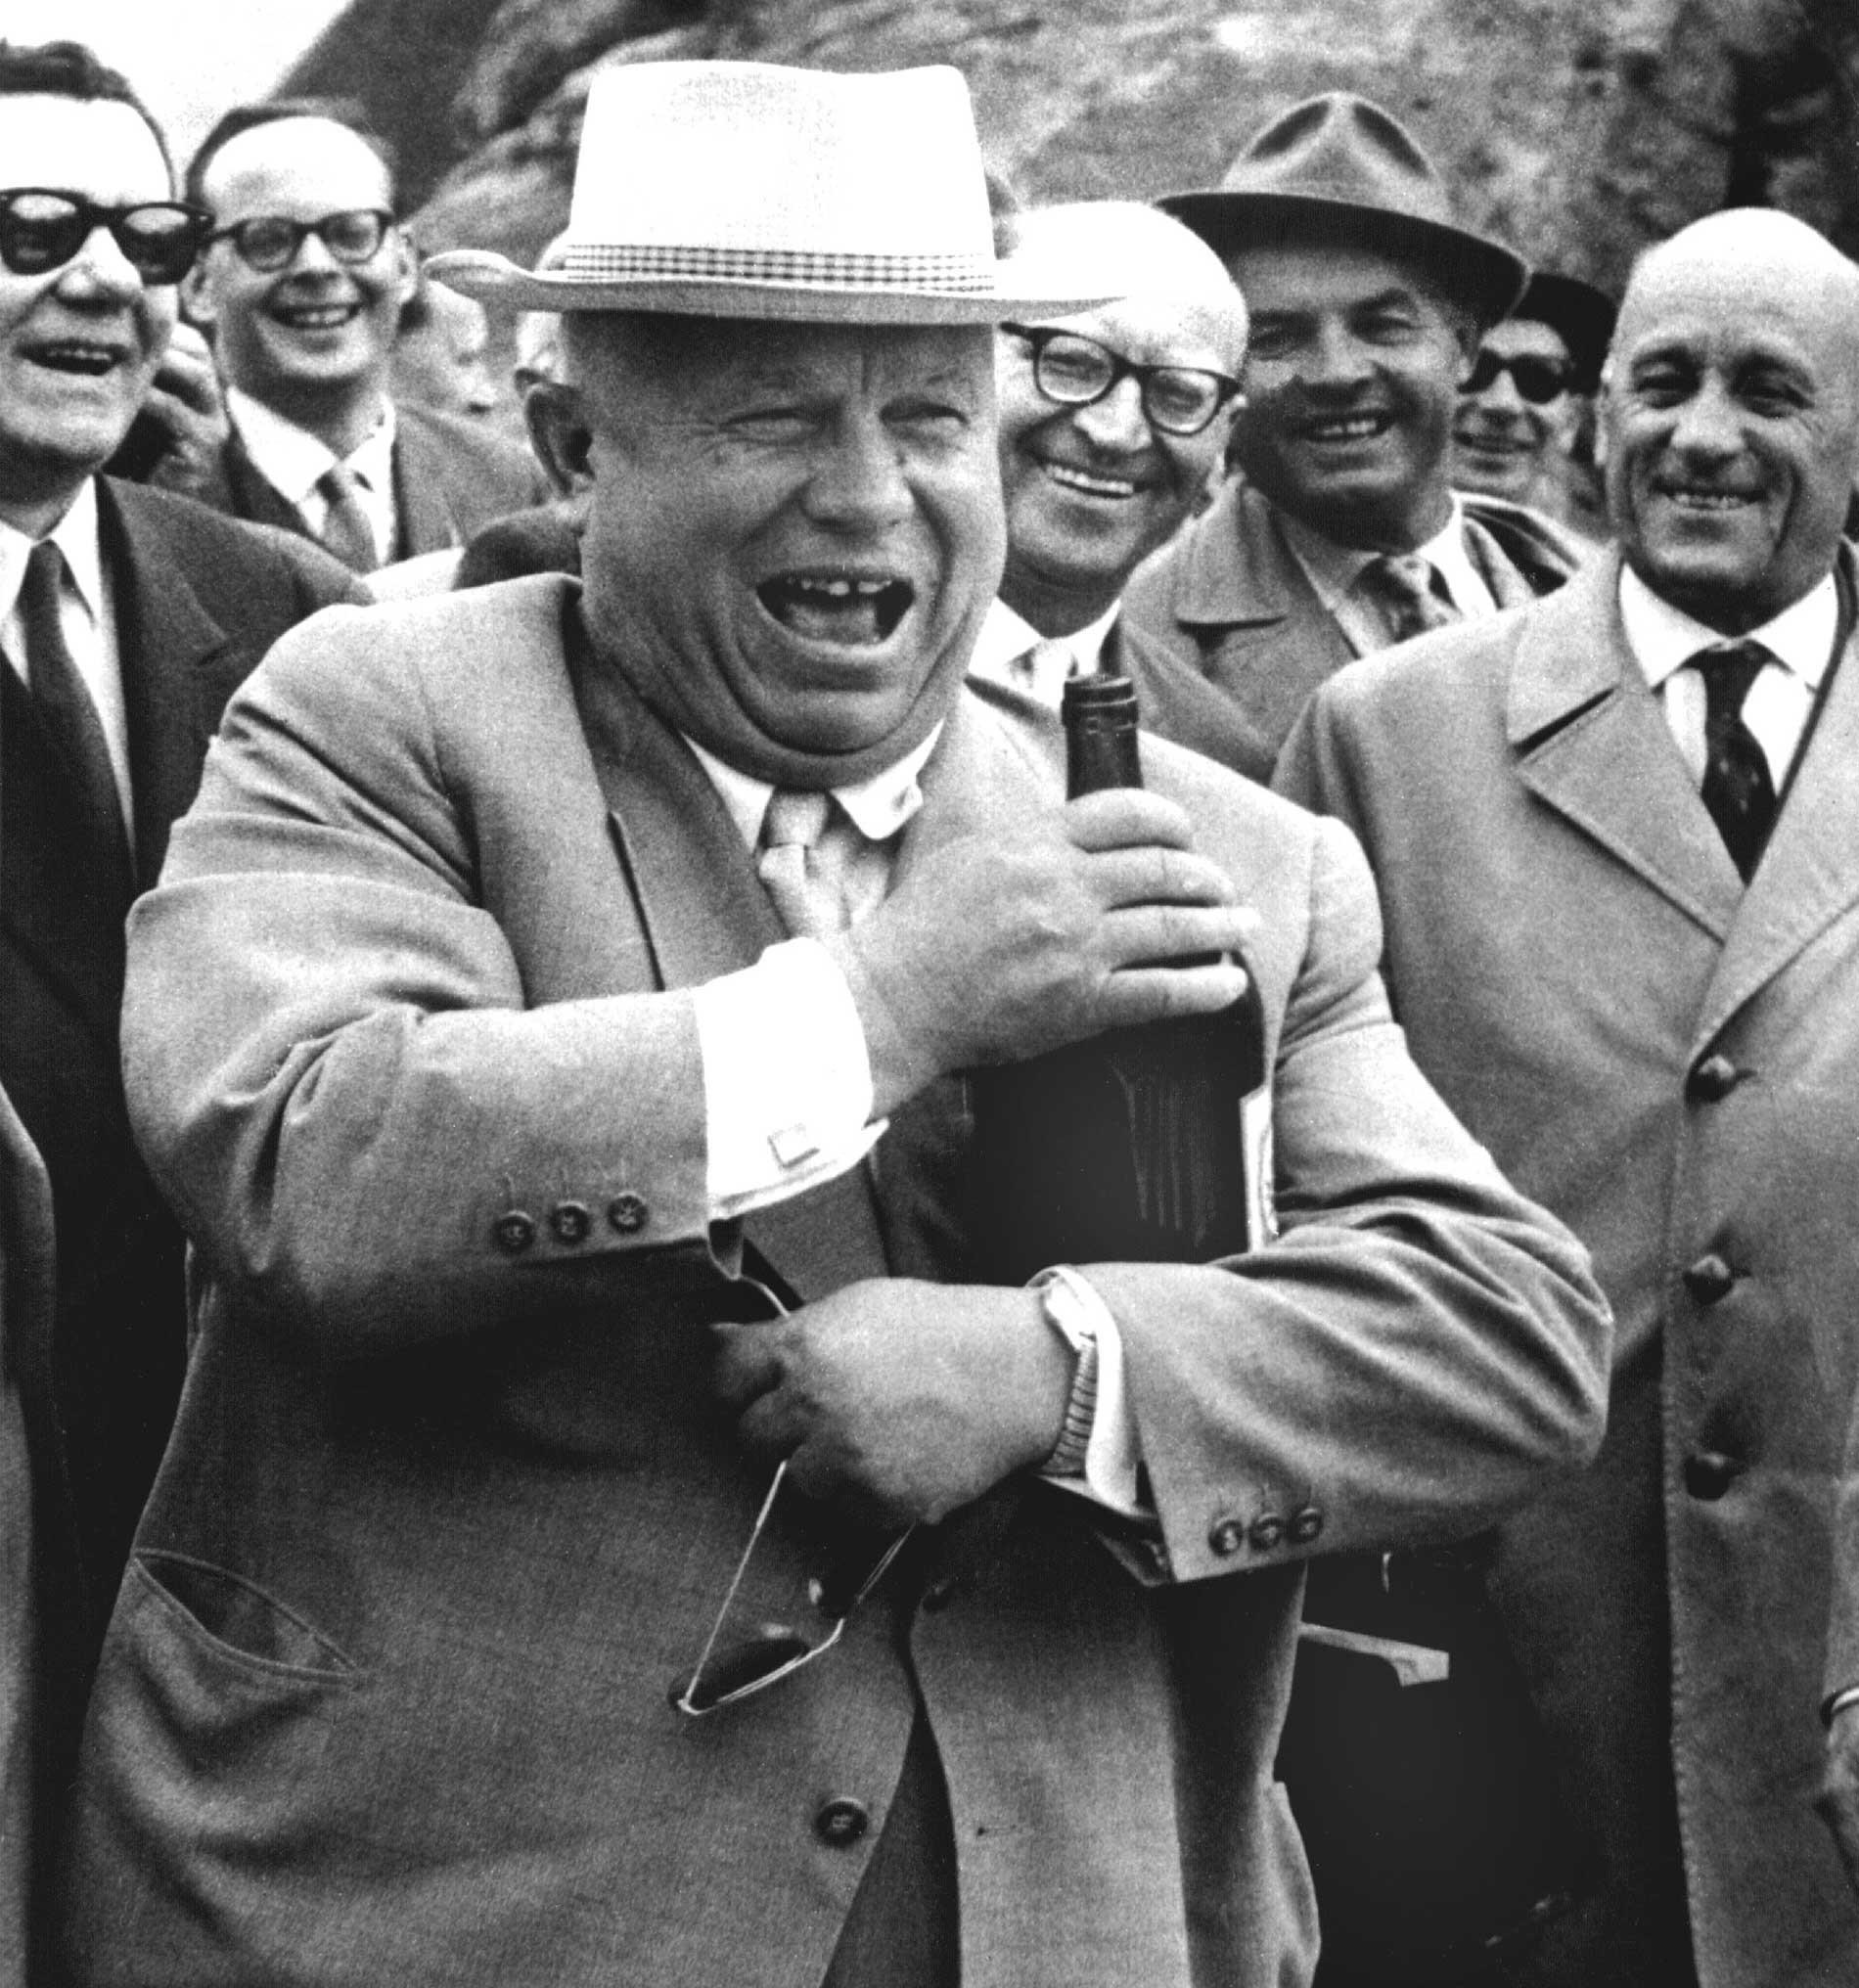 Nikita Khrushchev was far not a vegeterian